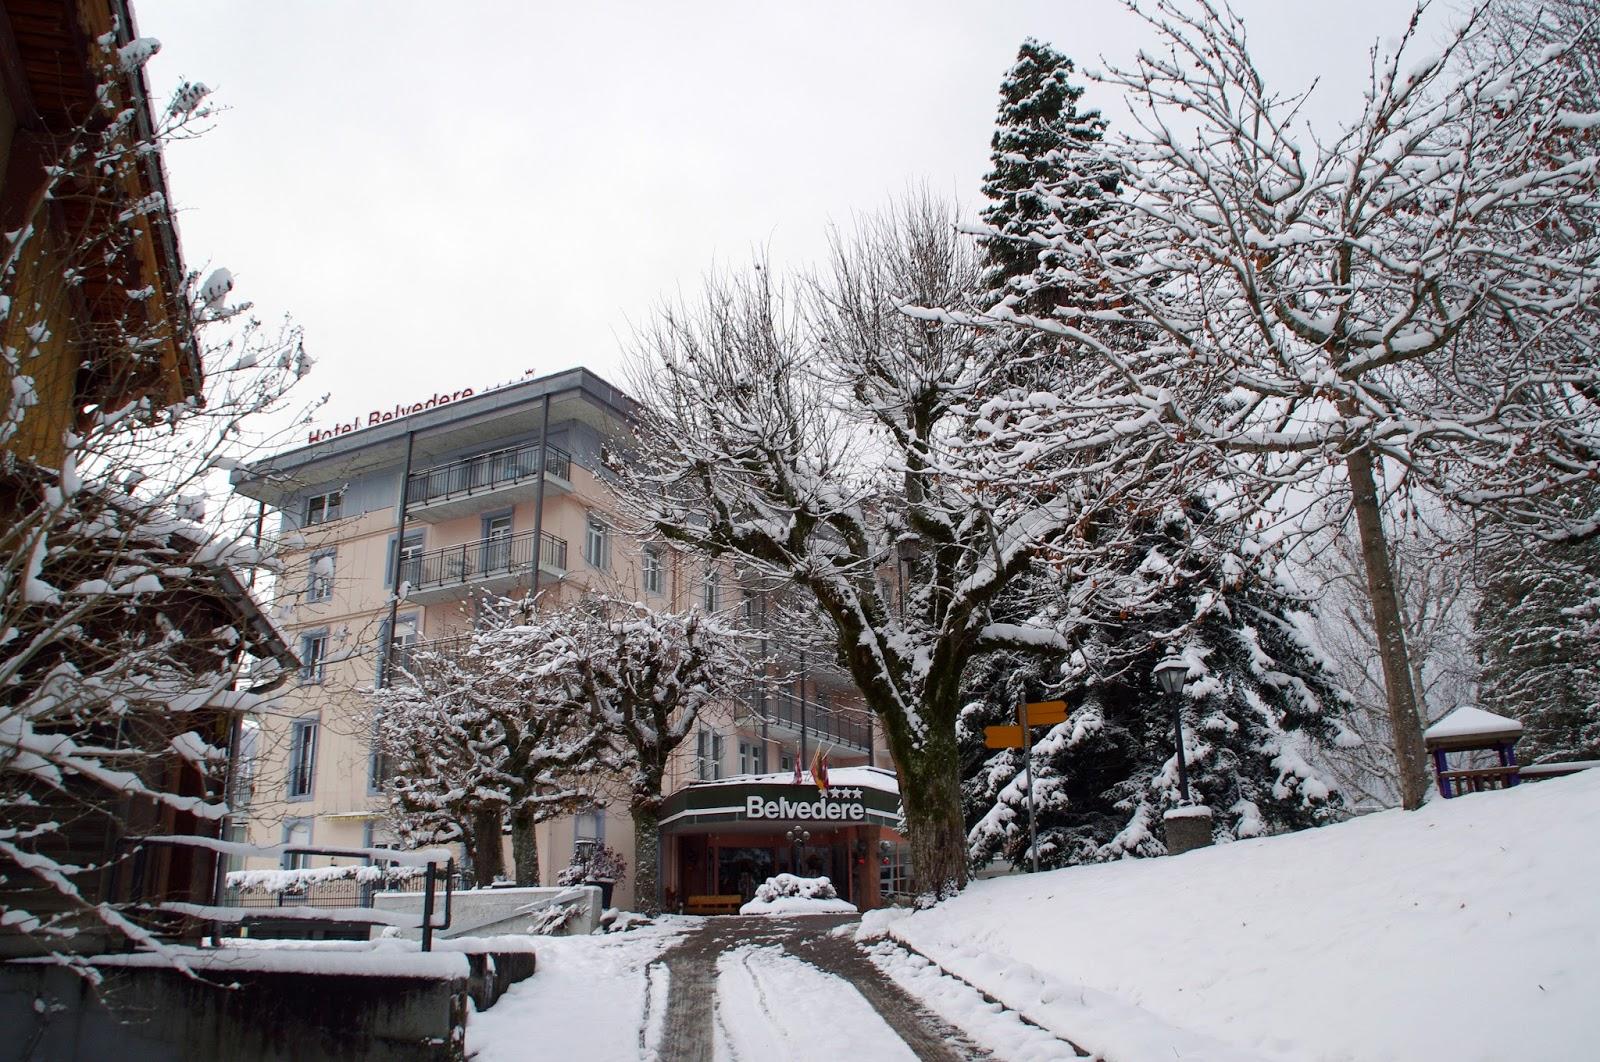 Hotel Belvedere Switzerland Winter